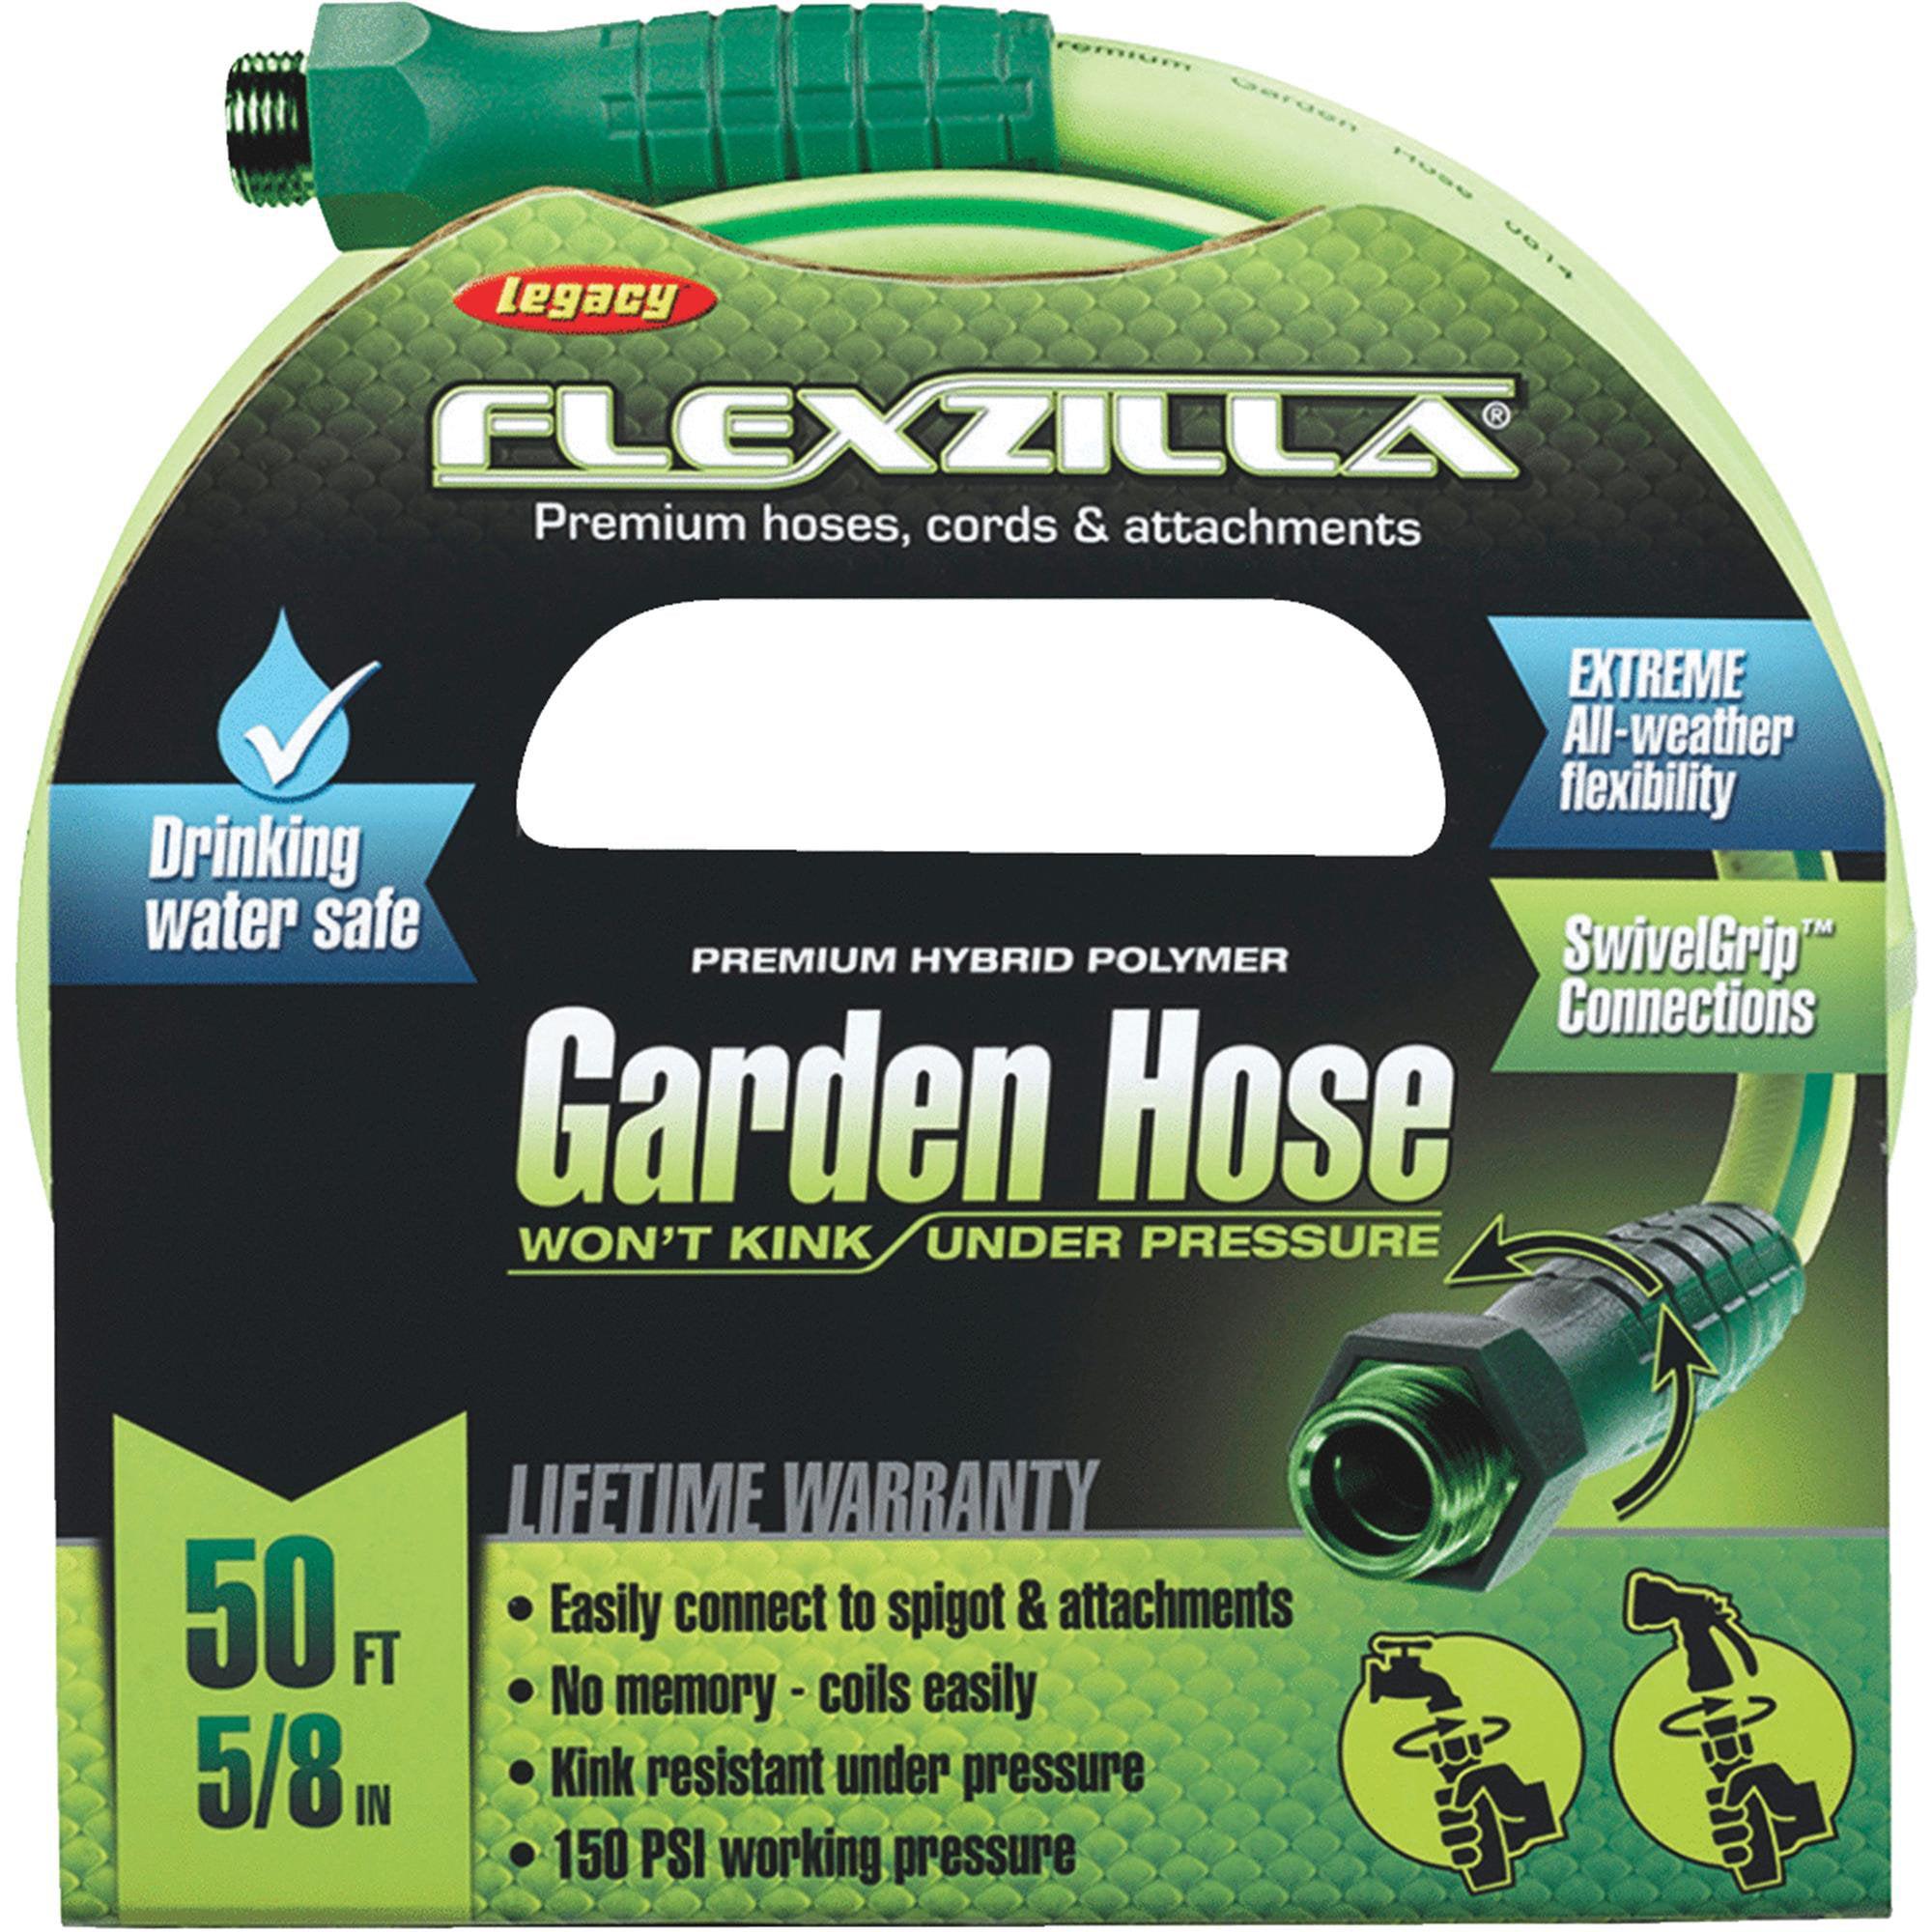 Flexzilla Garden Hose With SwivelGrip Connections by Flexzilla